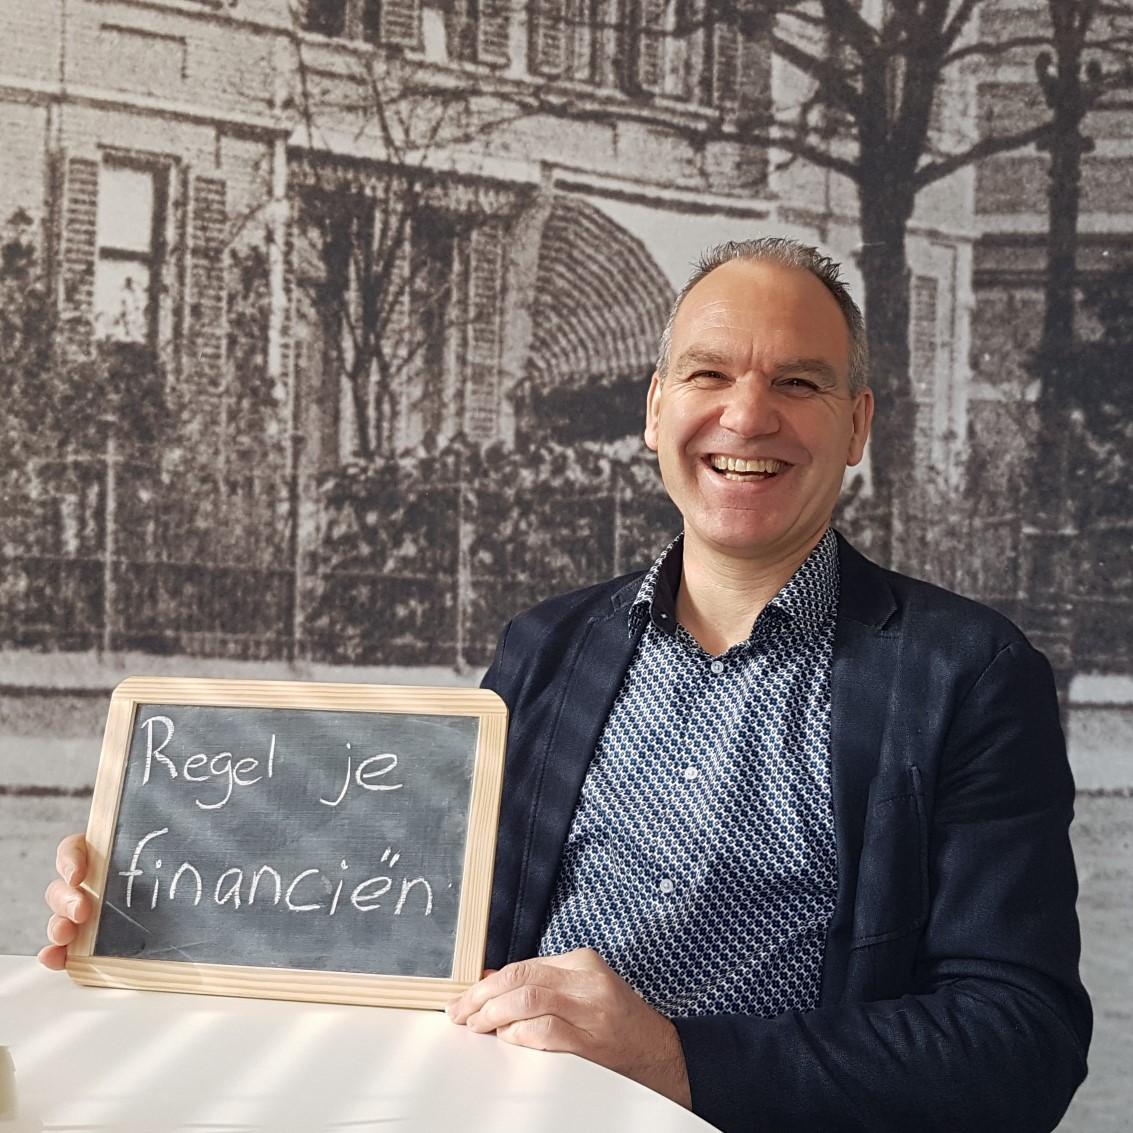 Blog: Waarom een accountant ZinVol is. Op de foto: Ben Hulscher van Visie Belastingadviseurs en Accountants. Copyright: ZinVol - nuchtere ondernemerscoaching.